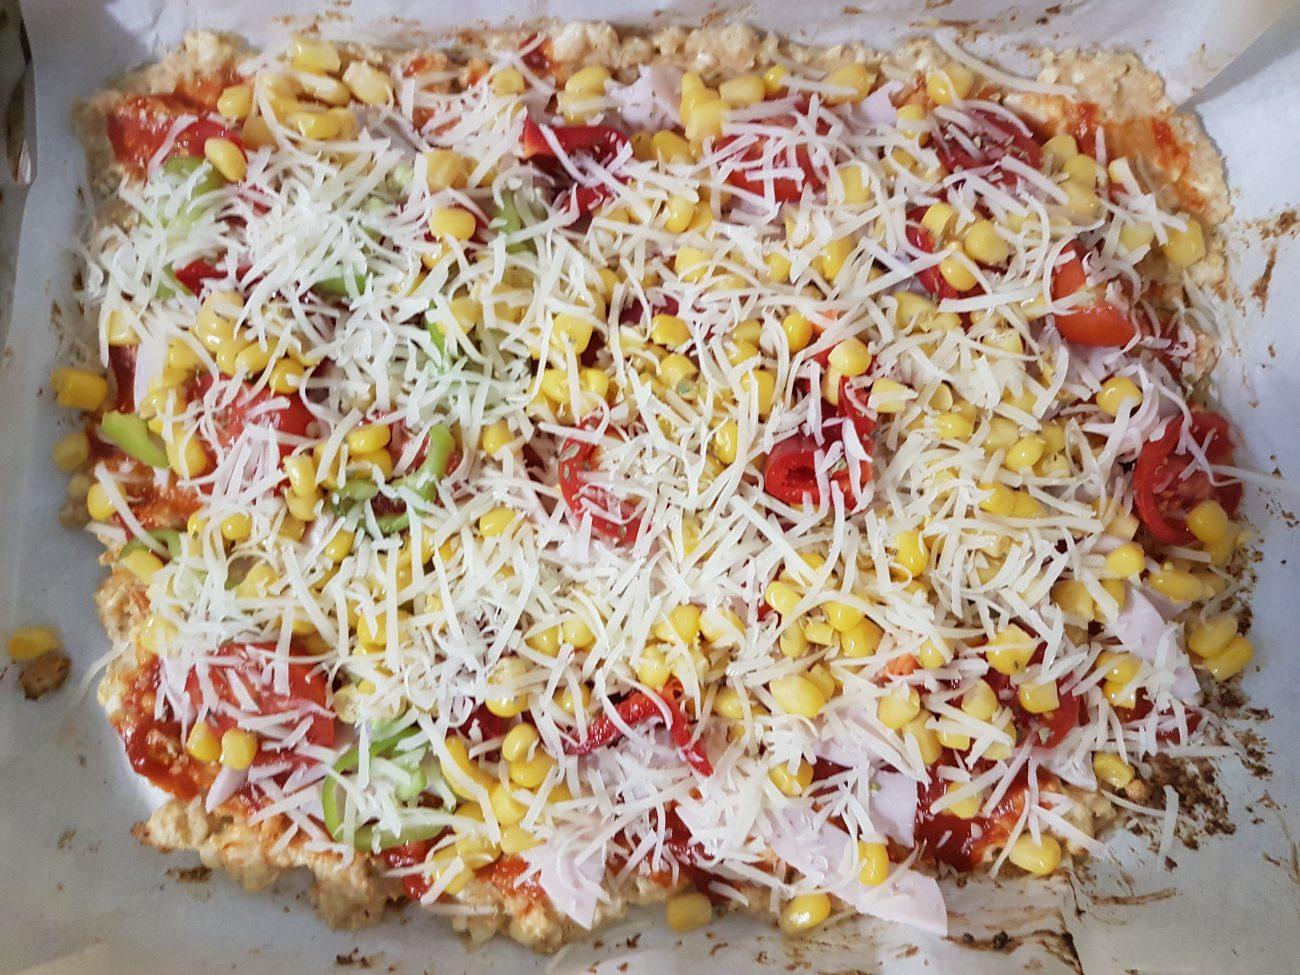 recepte diéta pizza készítéséheza